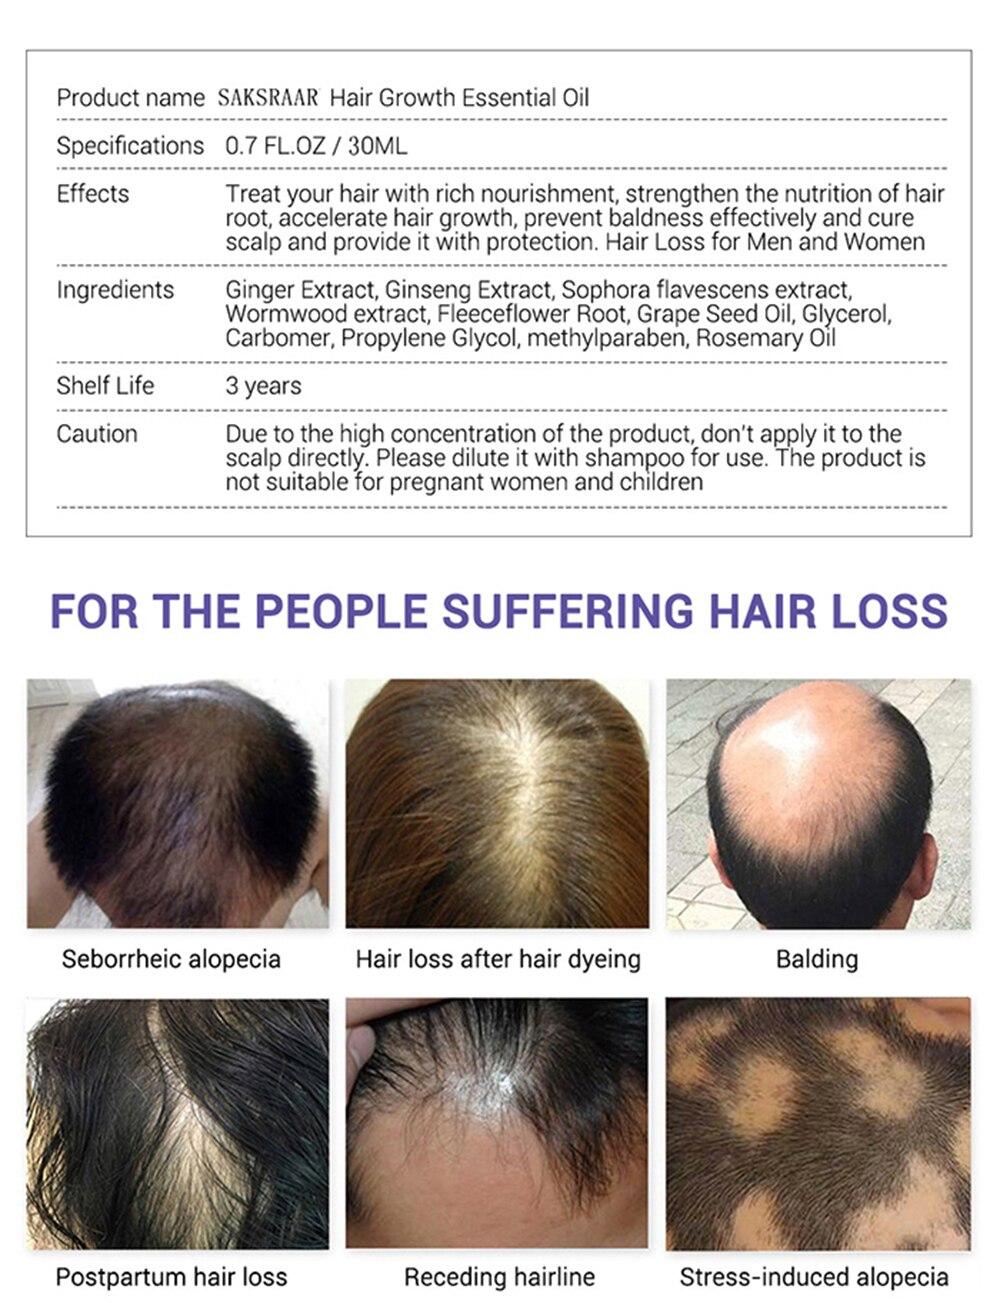 Hair Care Hair Growth Essential Oils Essence Original Authentic 100% Hair Loss Liquid Health Care Beauty Dense Hair Growth Serum 4